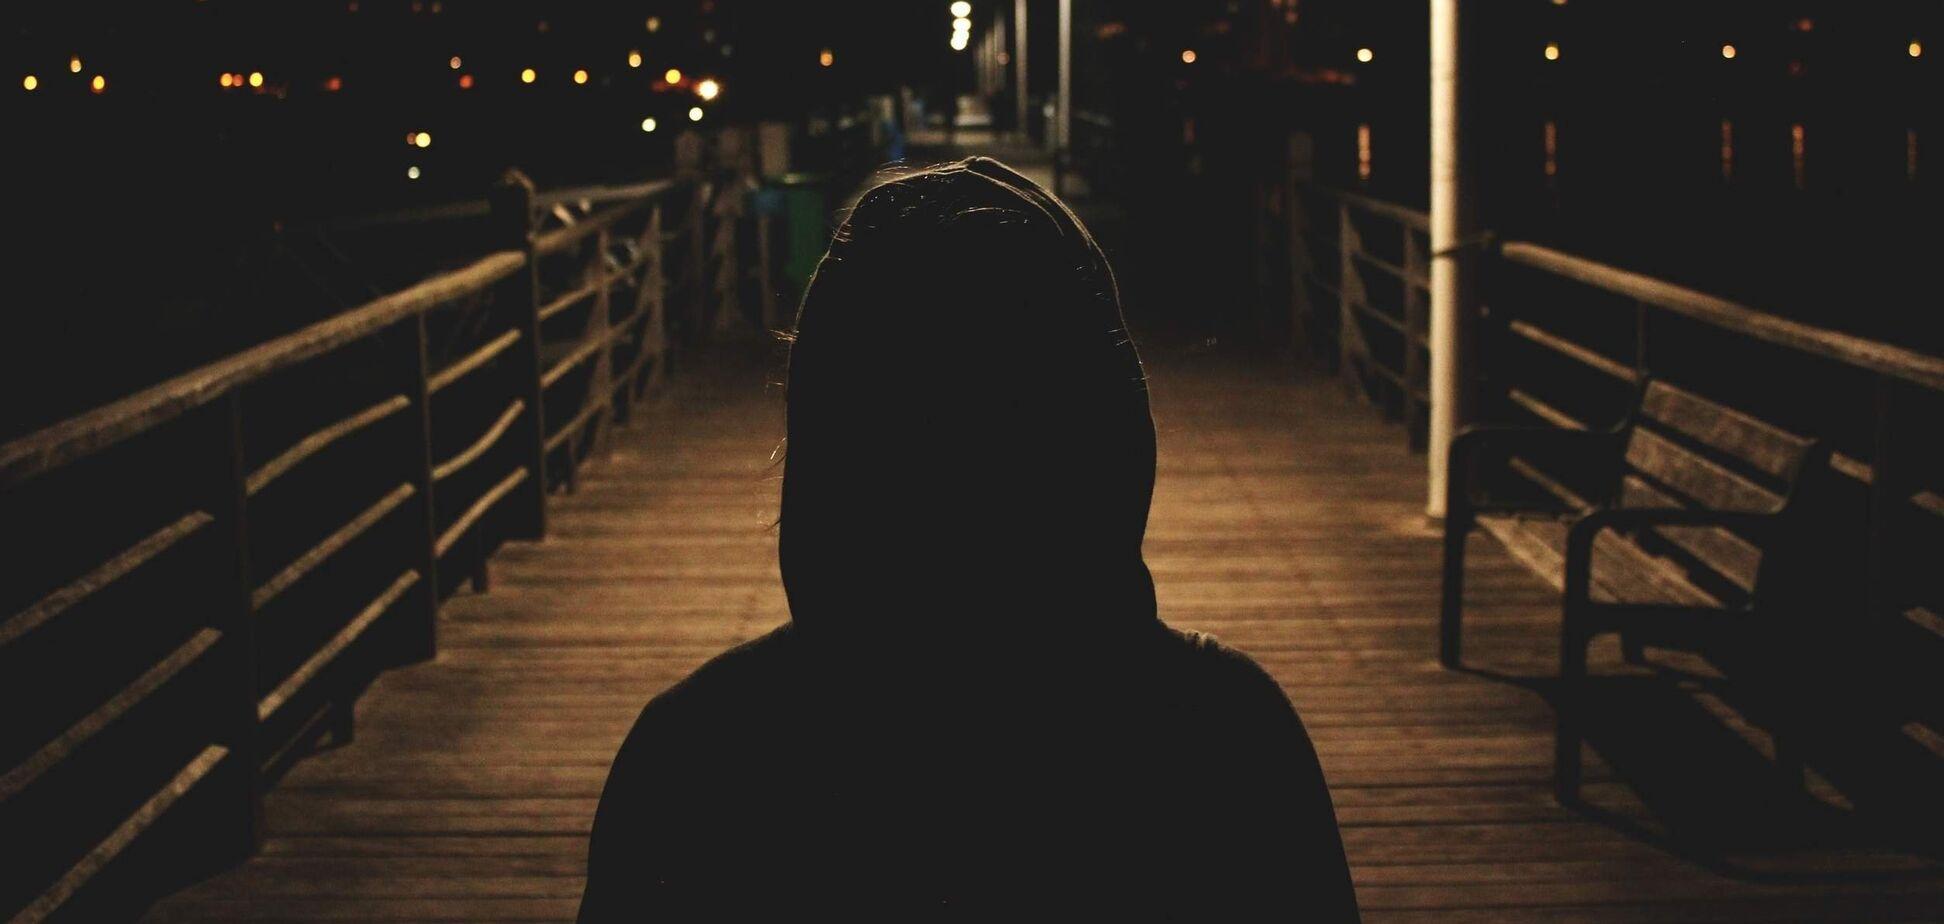 На Дніпропетровщині розшукують зниклу безвісти жінку: фото і прикмети